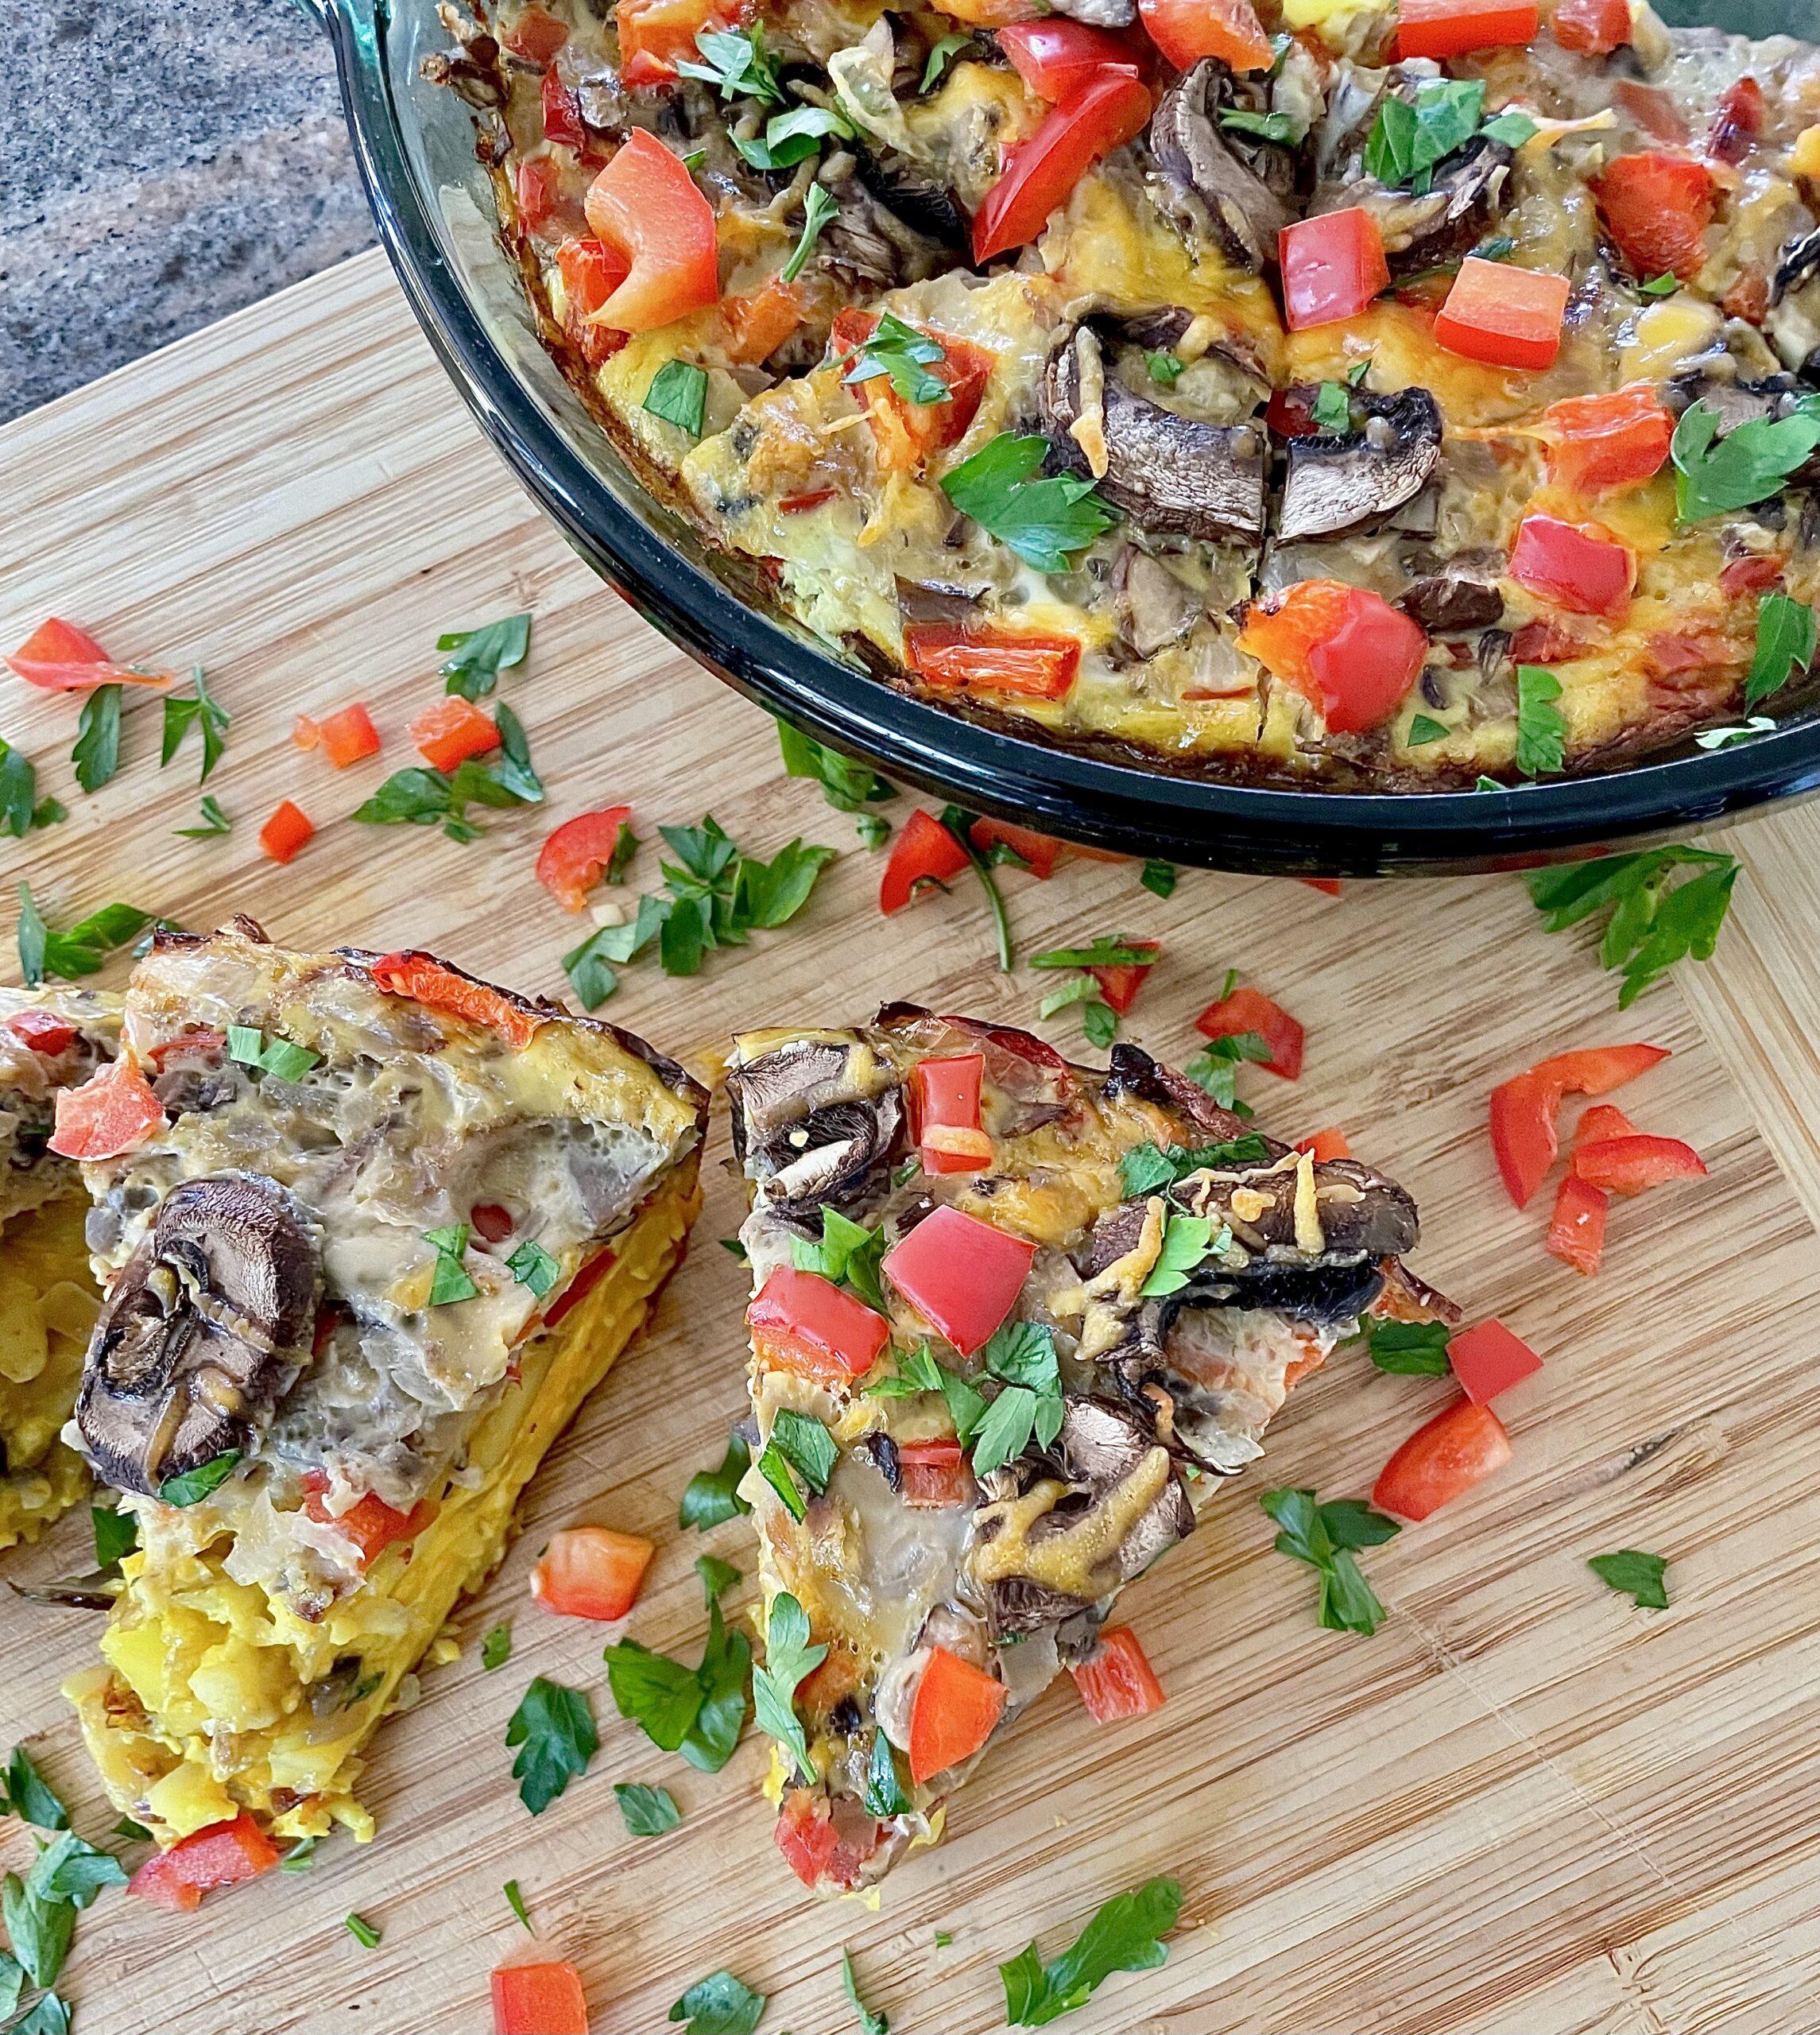 Gluten Free Egg and Mushroom Potato Pizza